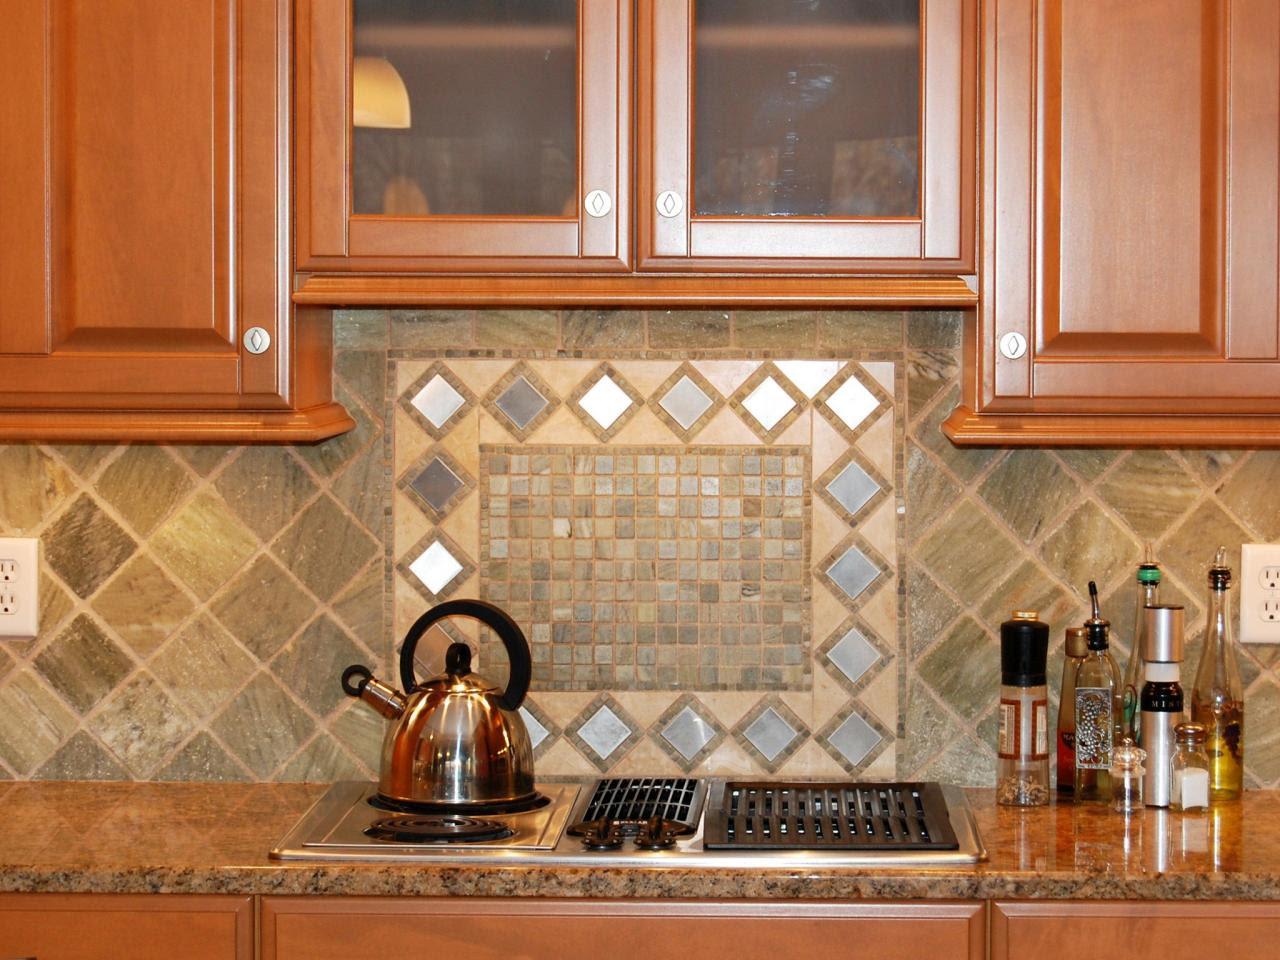 Kitchen Backsplash Design Ideas | HGTV